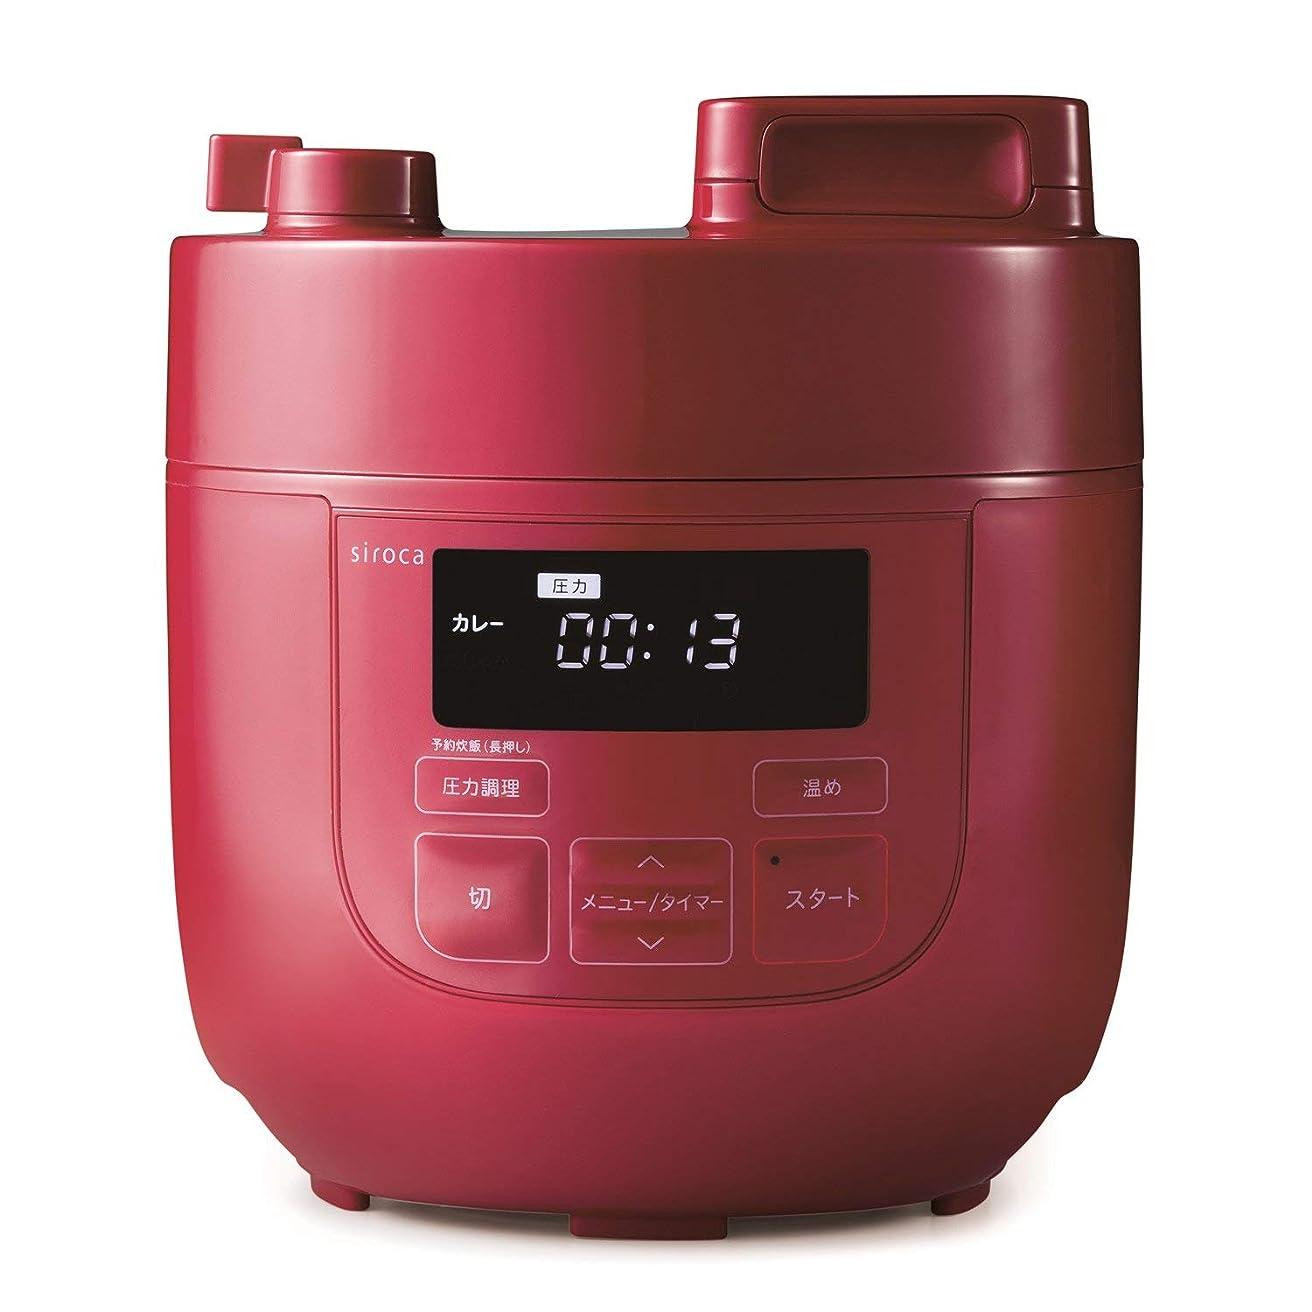 オンス古くなった港siroca 電気圧力鍋 SP-D121 レッド[圧力/無水/蒸し/炊飯/温め直し/コンパクト]